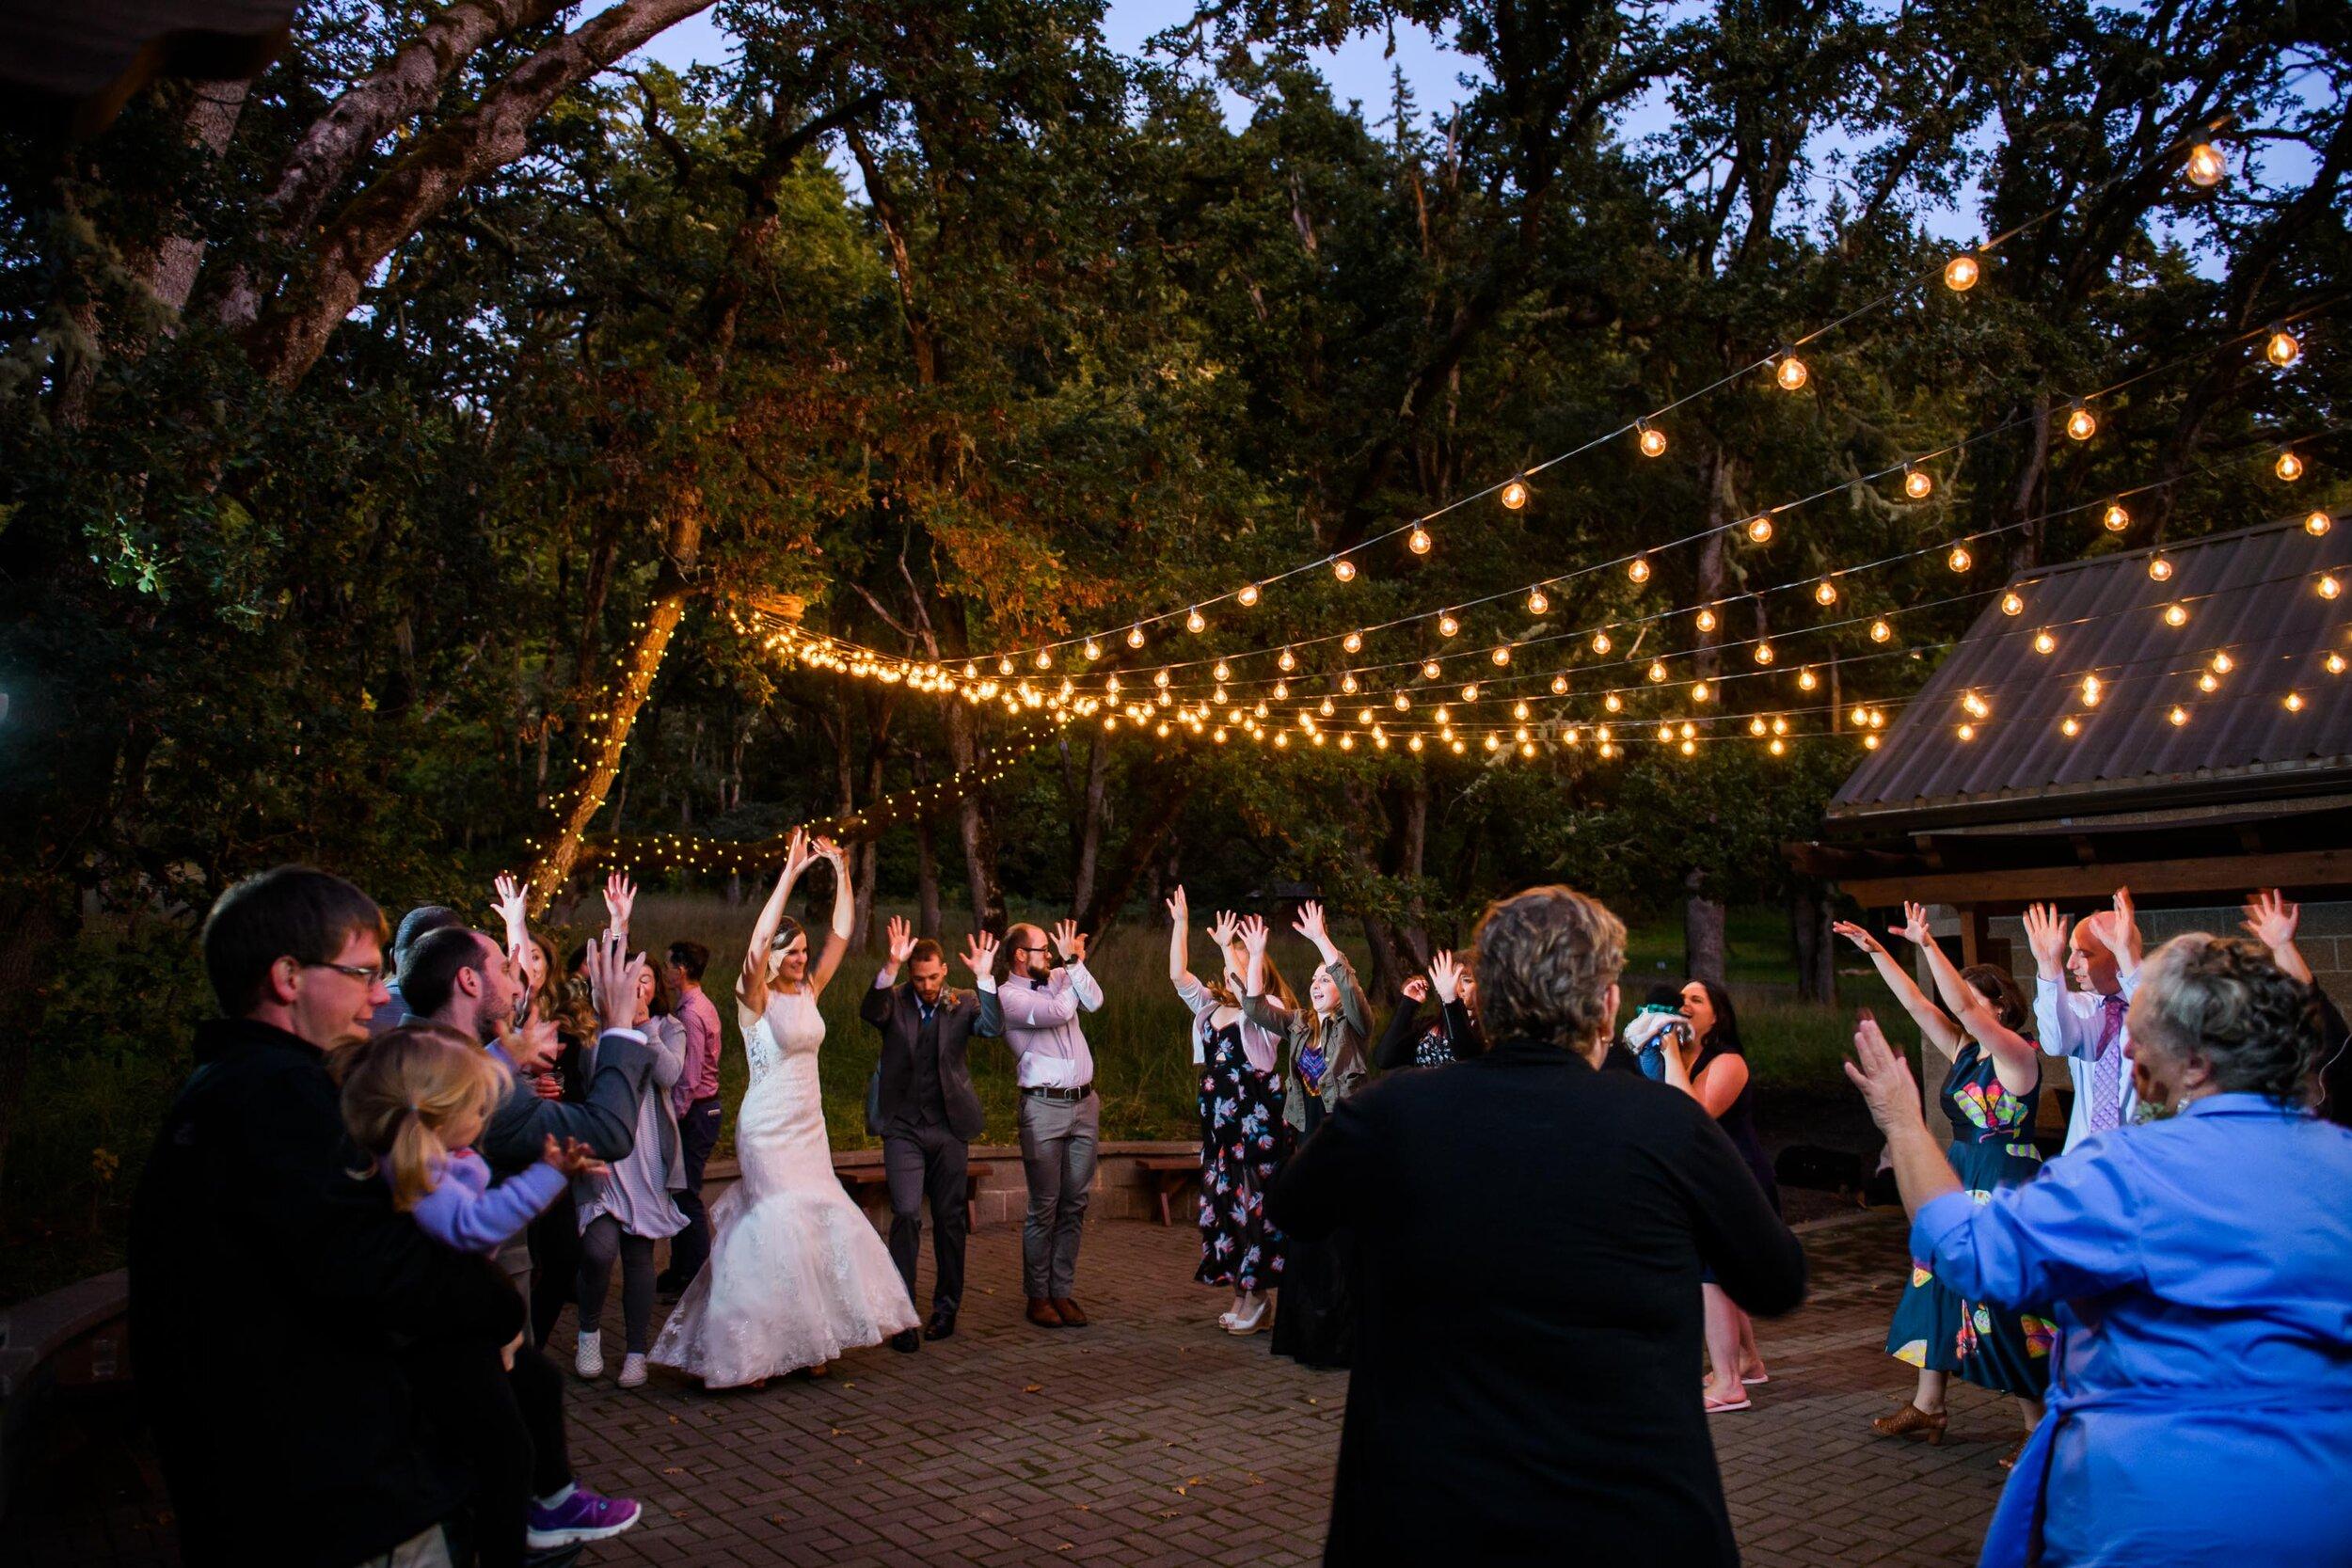 Mt. Pisgah Arboretum wedding photos 136.JPG